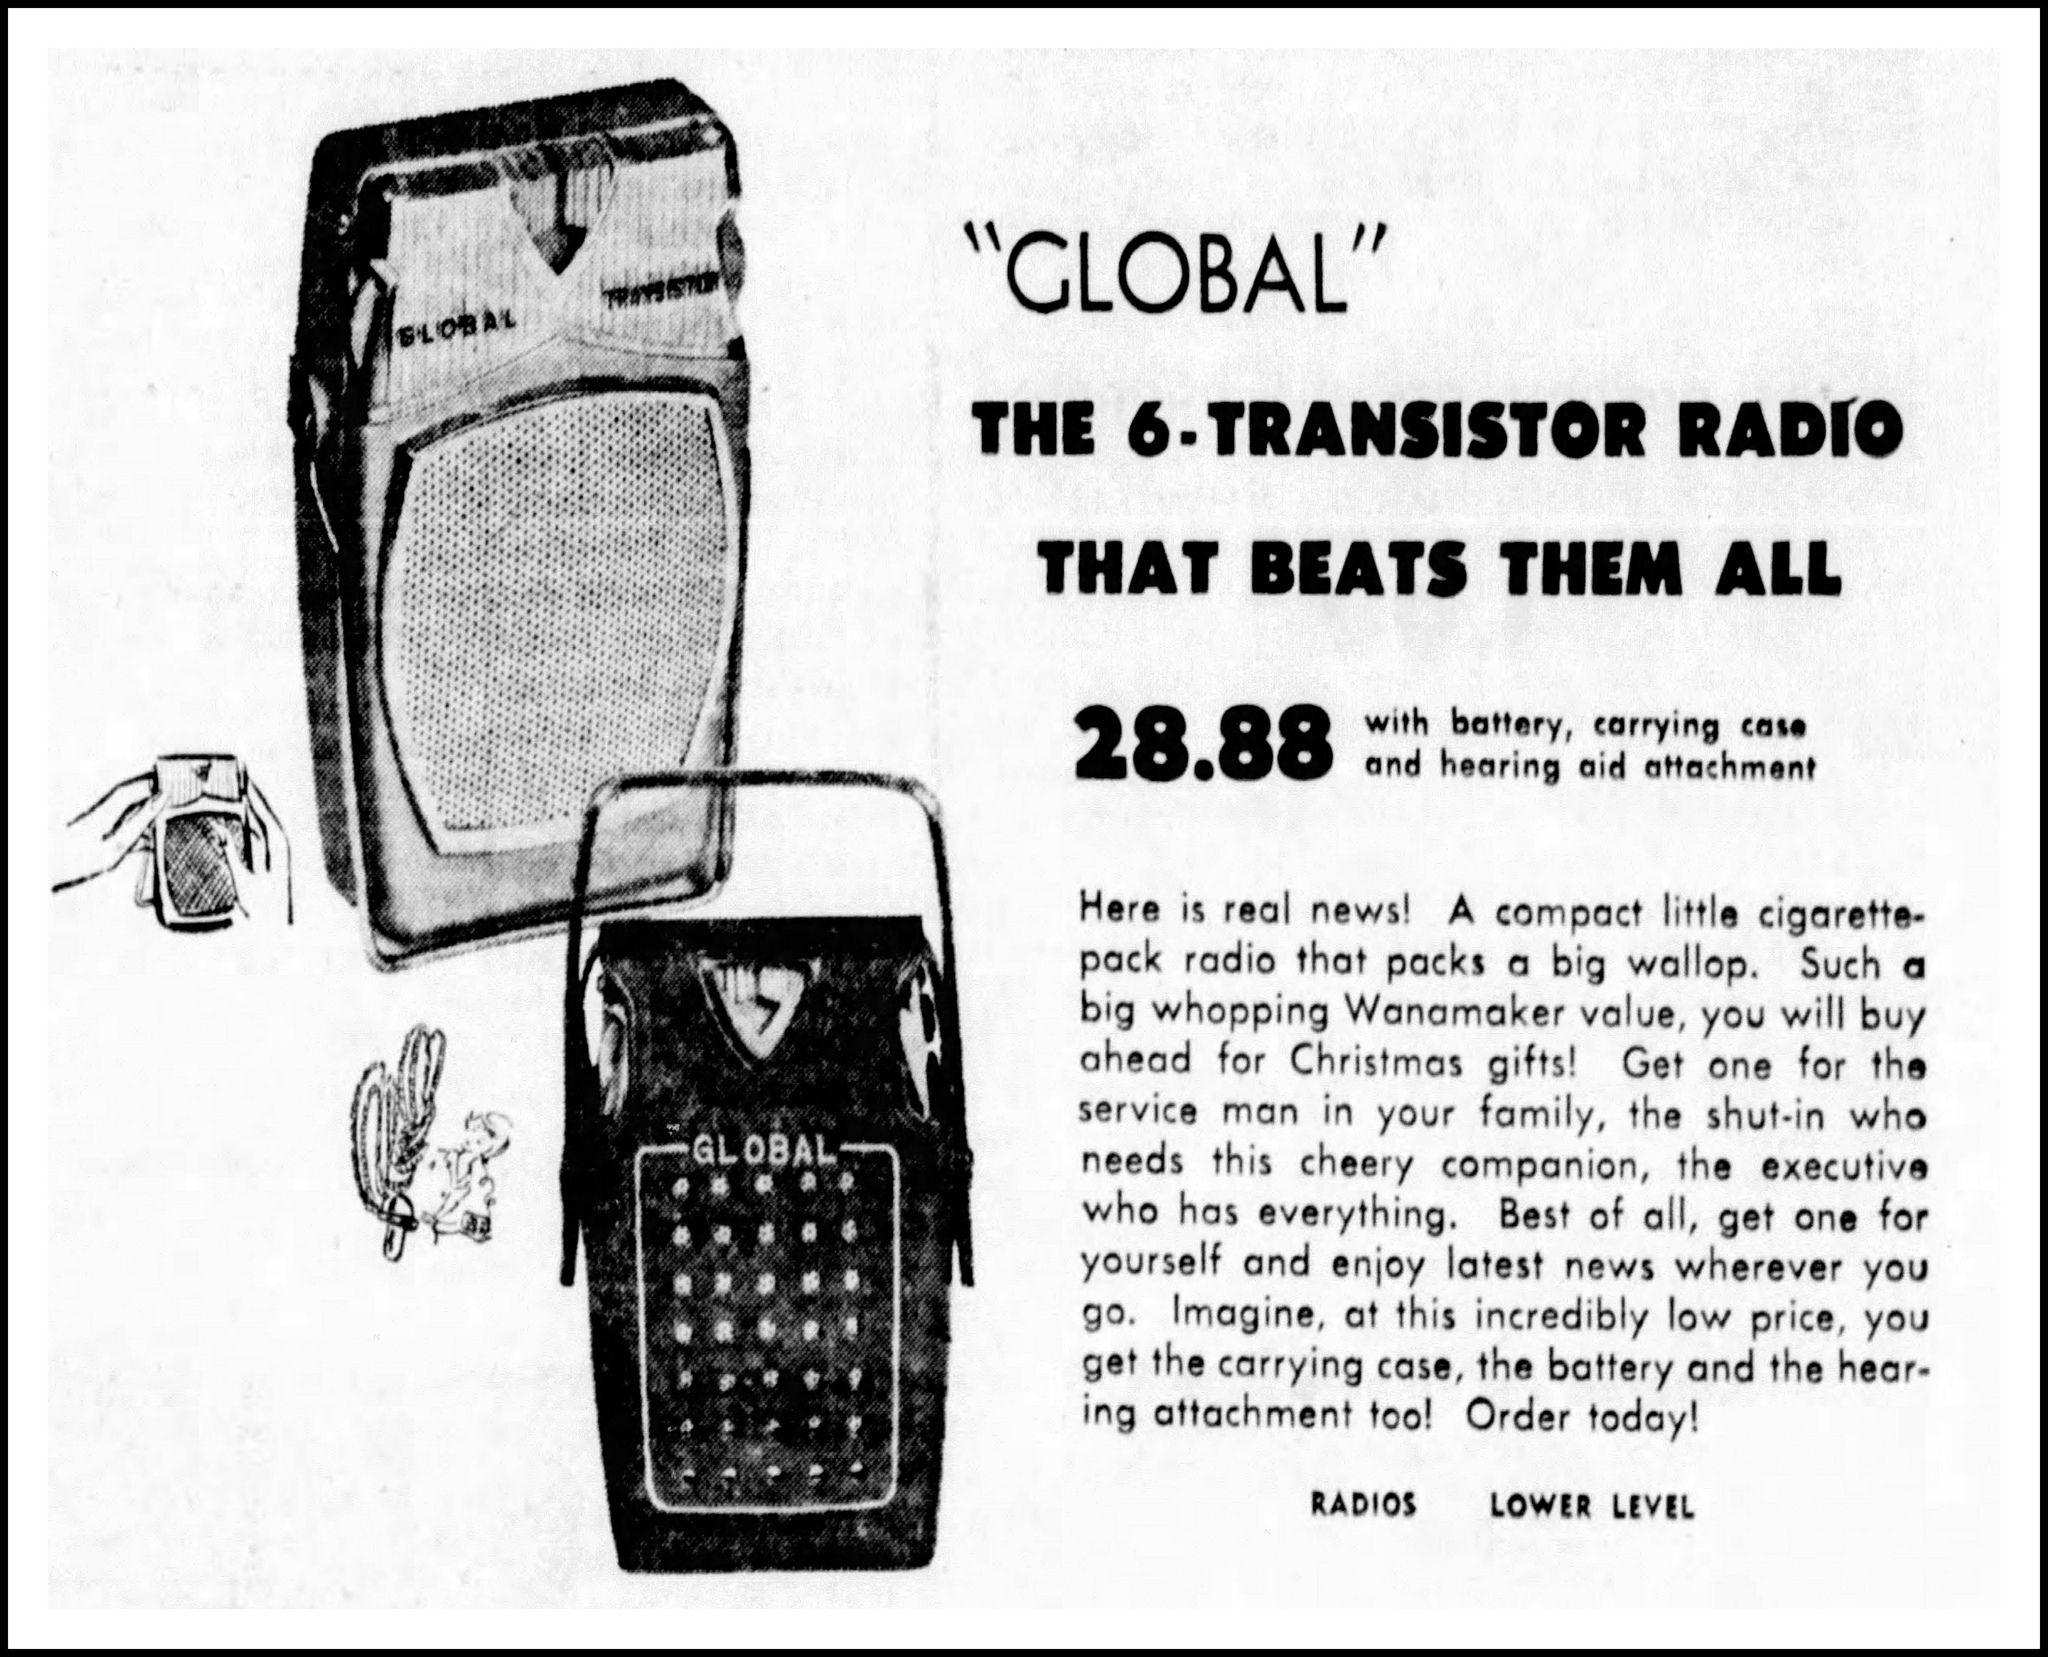 Vintage Advertising For The Global Model Gr 711 Transistor